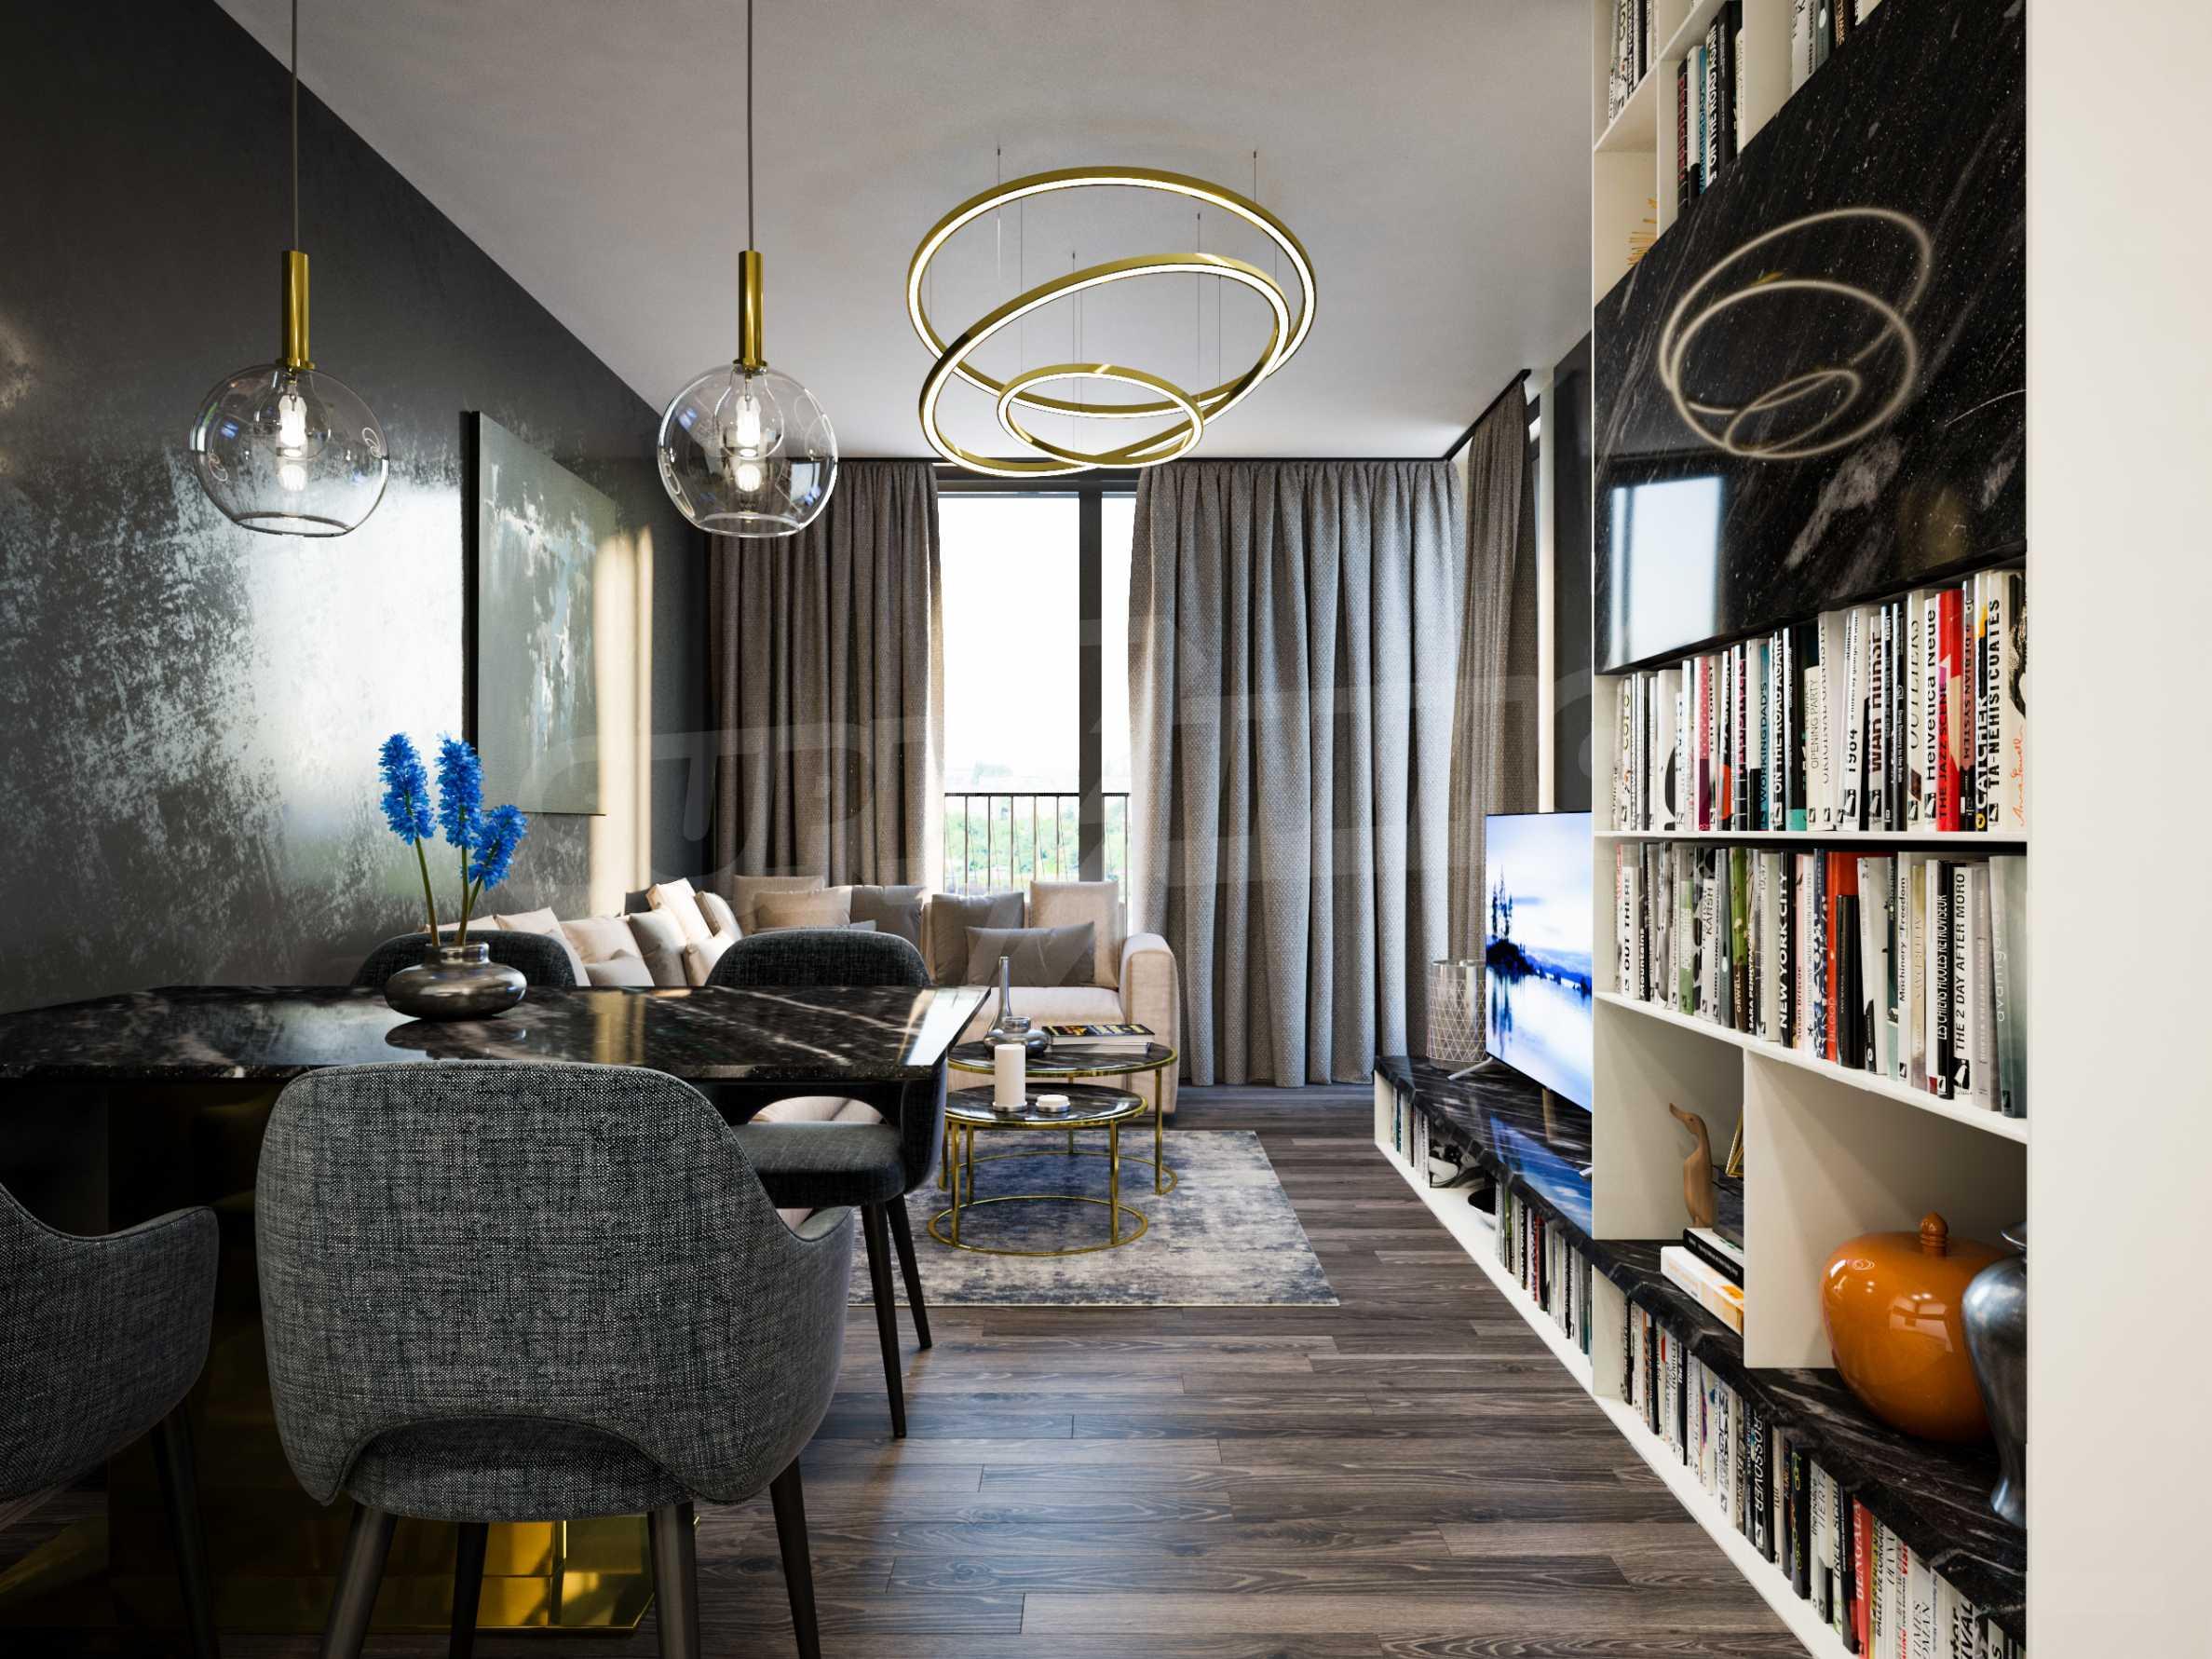 Апартамент с две спални за продажба в нова жилищна сграда в квартал Изгрев 4